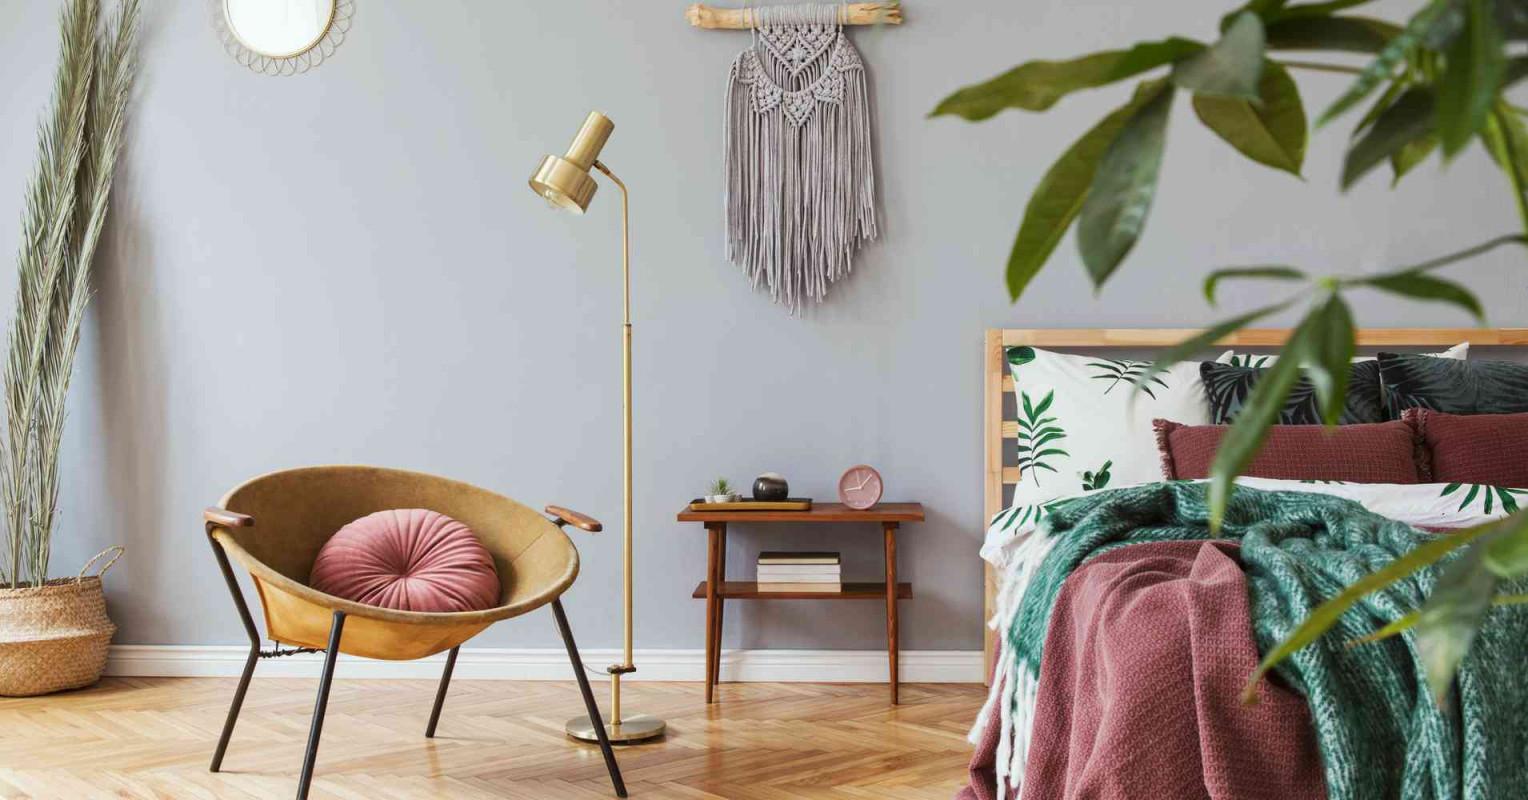 Kahle Wände Gestalten 10 Tolle Ideen Für Dekorative Looks von Wände Wohnzimmer Gestalten Bild